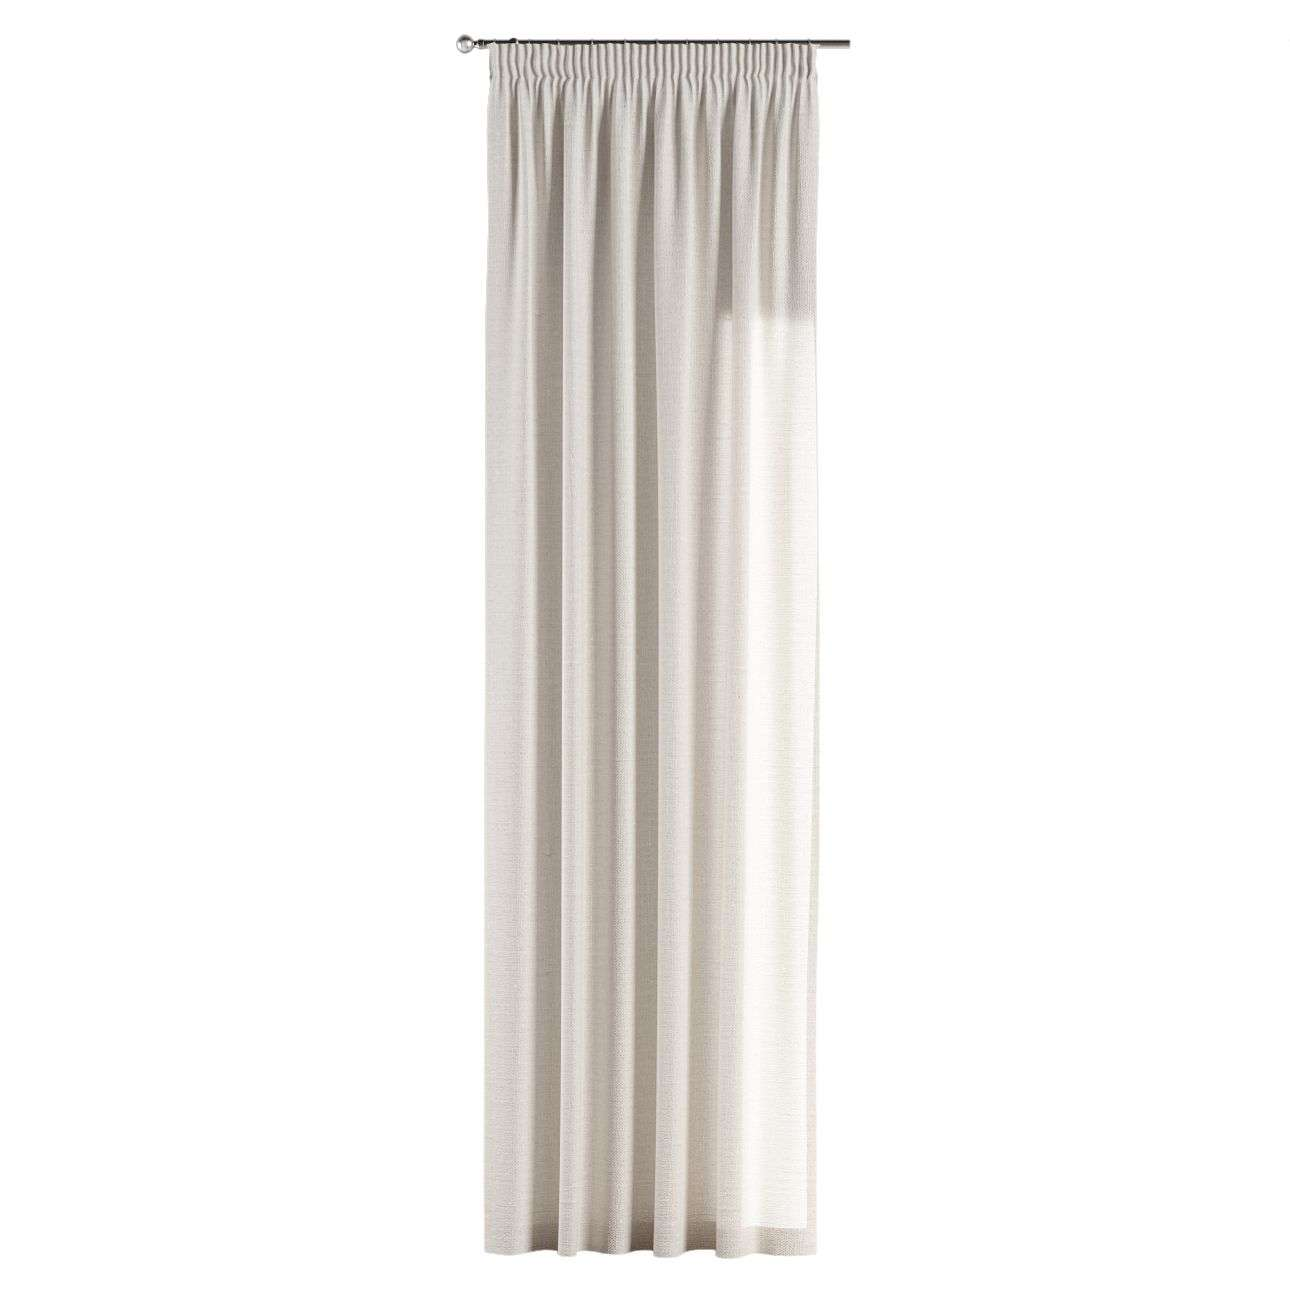 Závěs s řasící páskou 130 x 260 cm v kolekci Linen, látka: 392-04